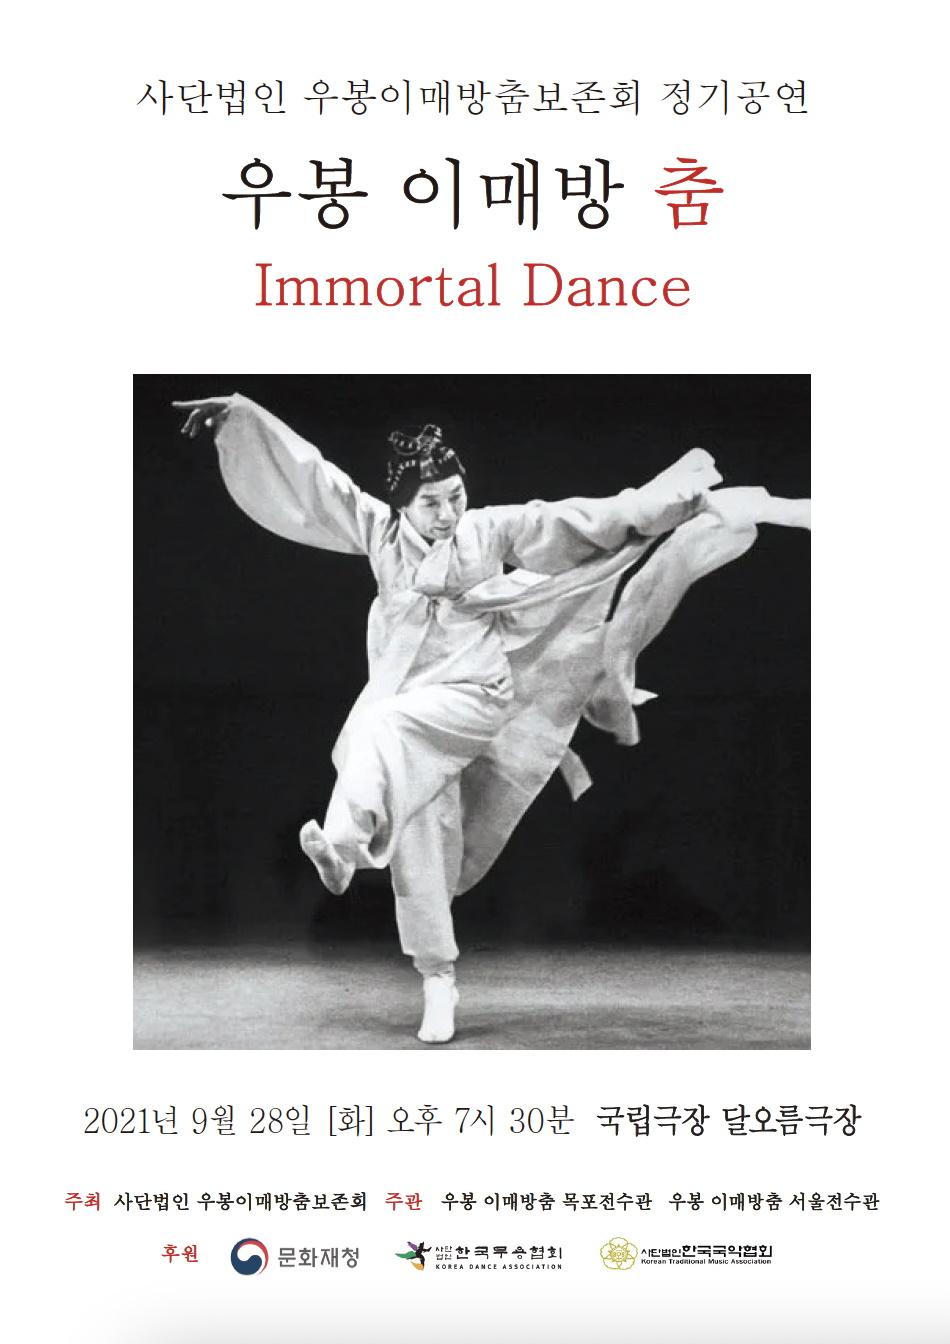 故우봉이매방 명인 35년 제자들의 전승공연  'Immortal Dance' (9월 28일 서울국립극장)